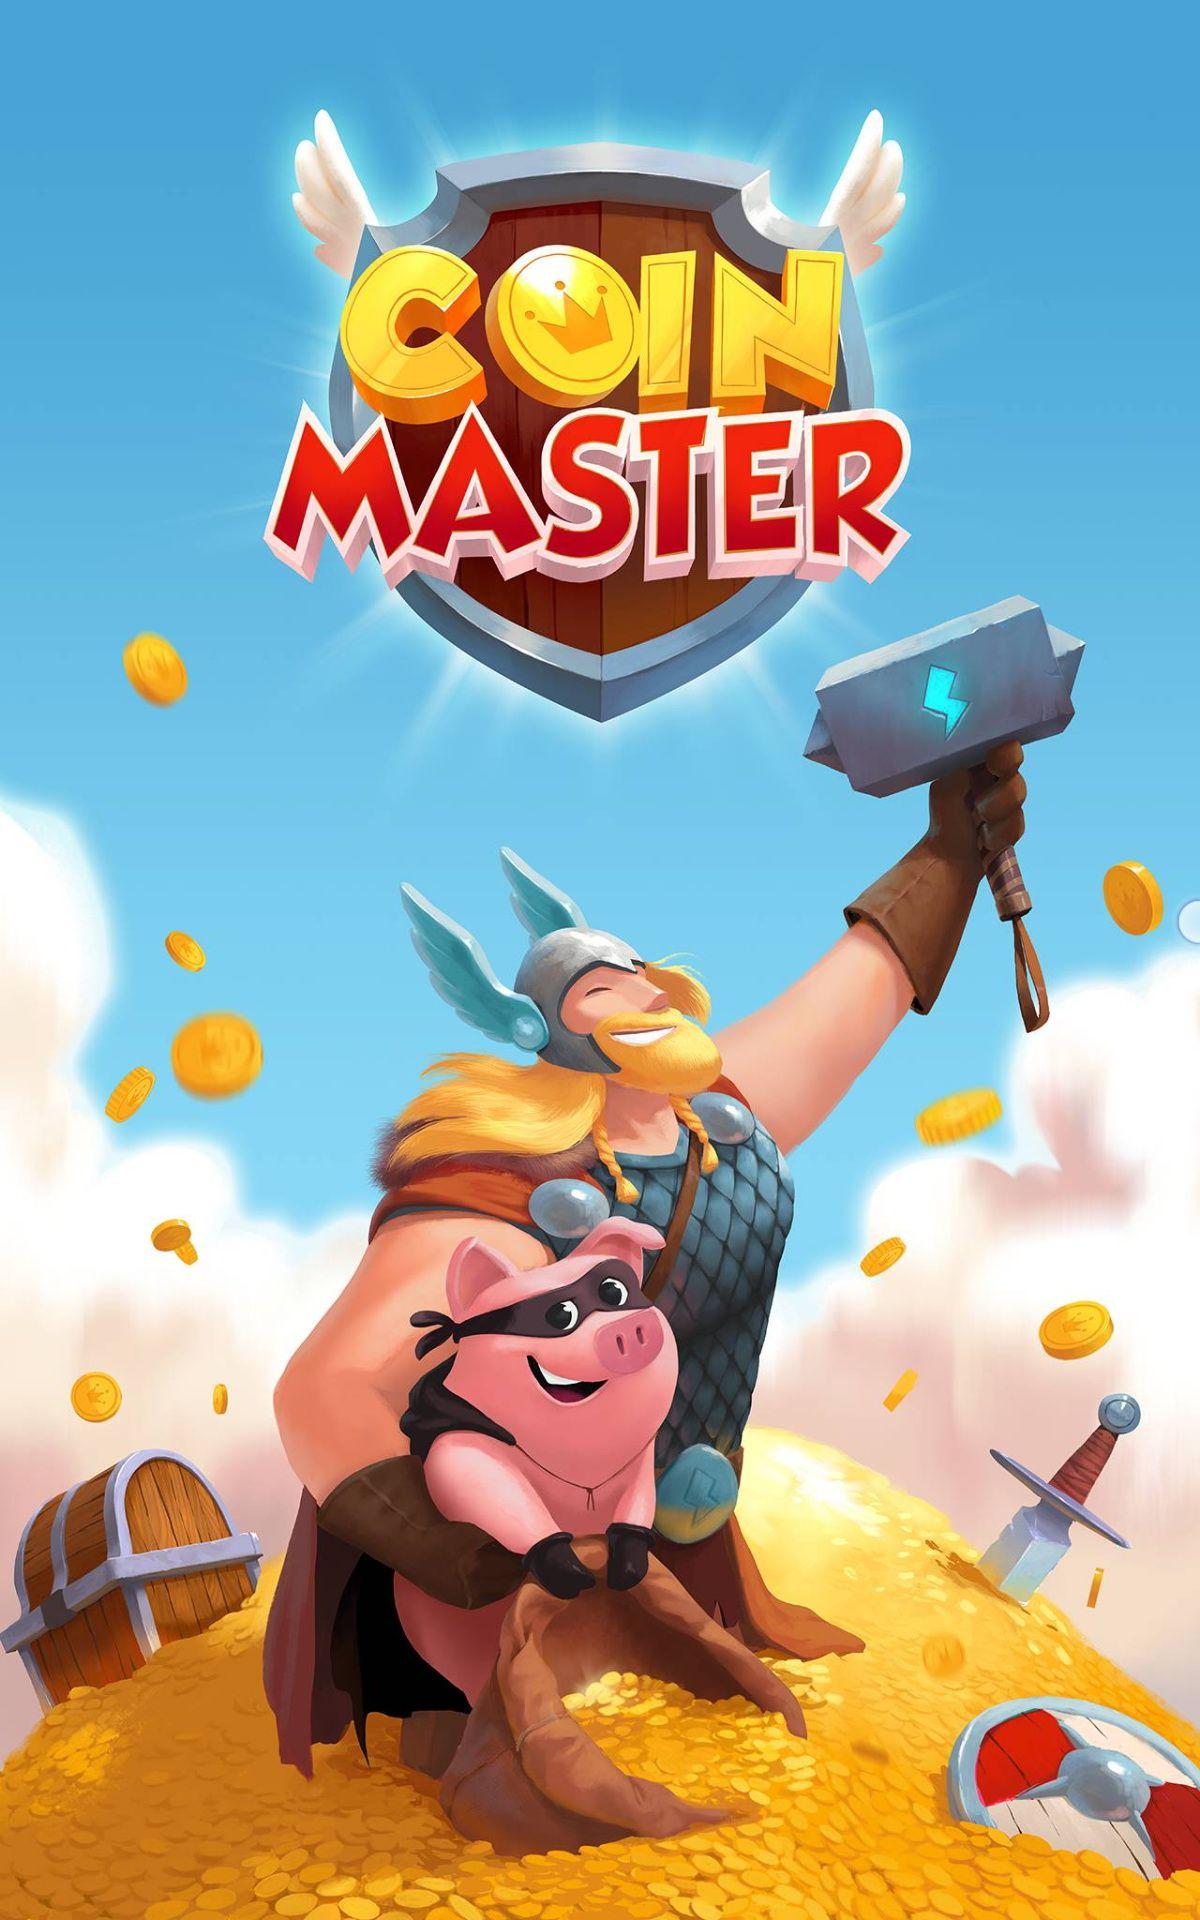 Coin Master (com imagens) | Coisas para comprar